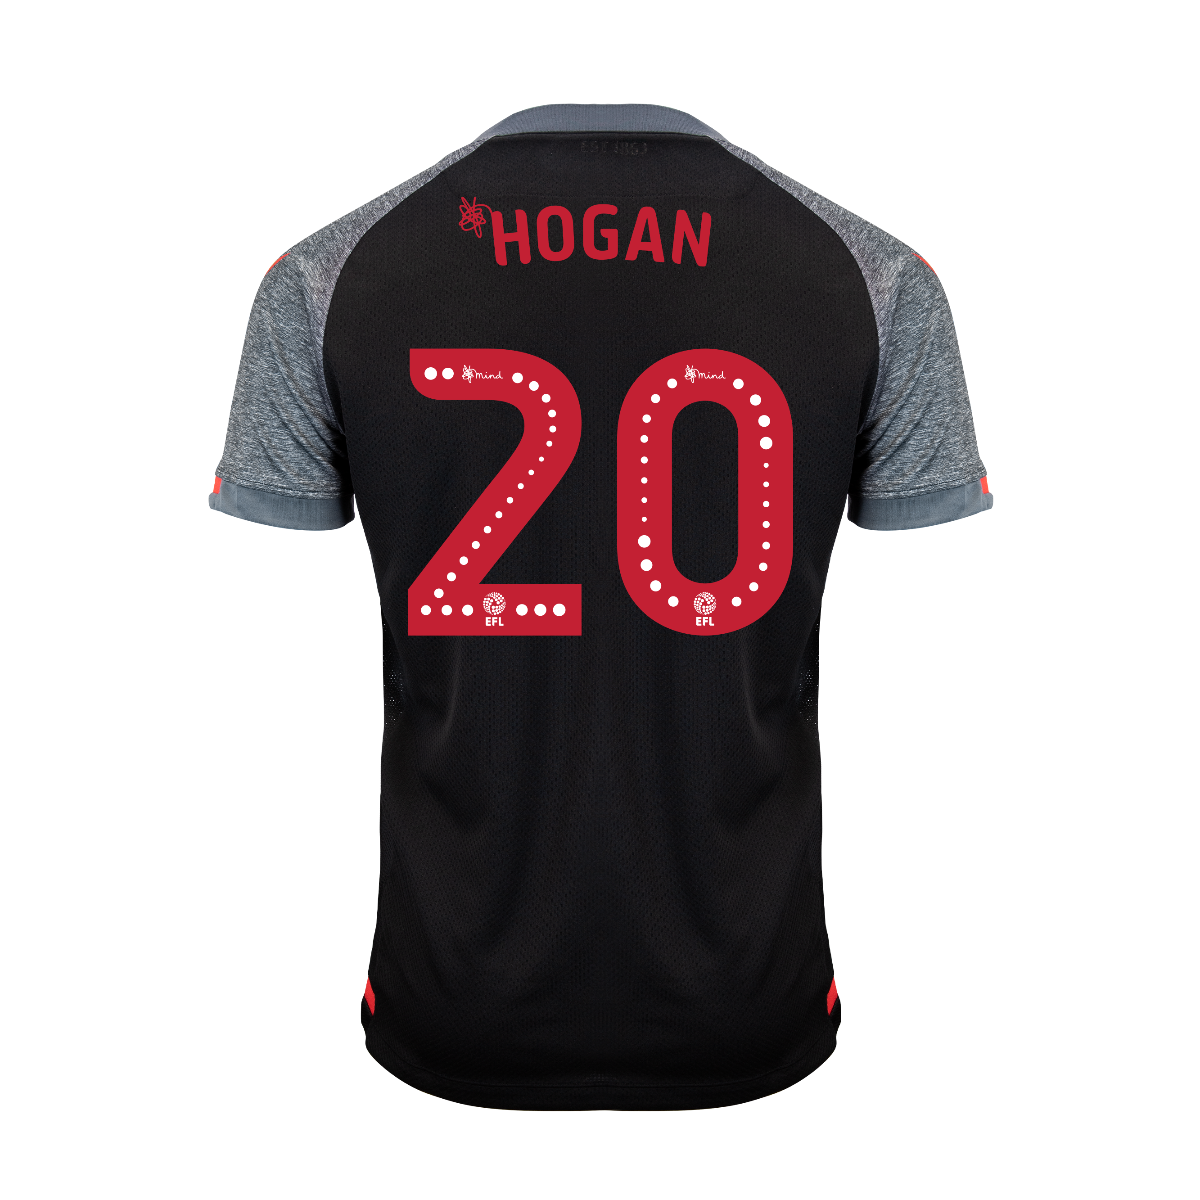 2019/20 Ladies Away Shirt - Hogan